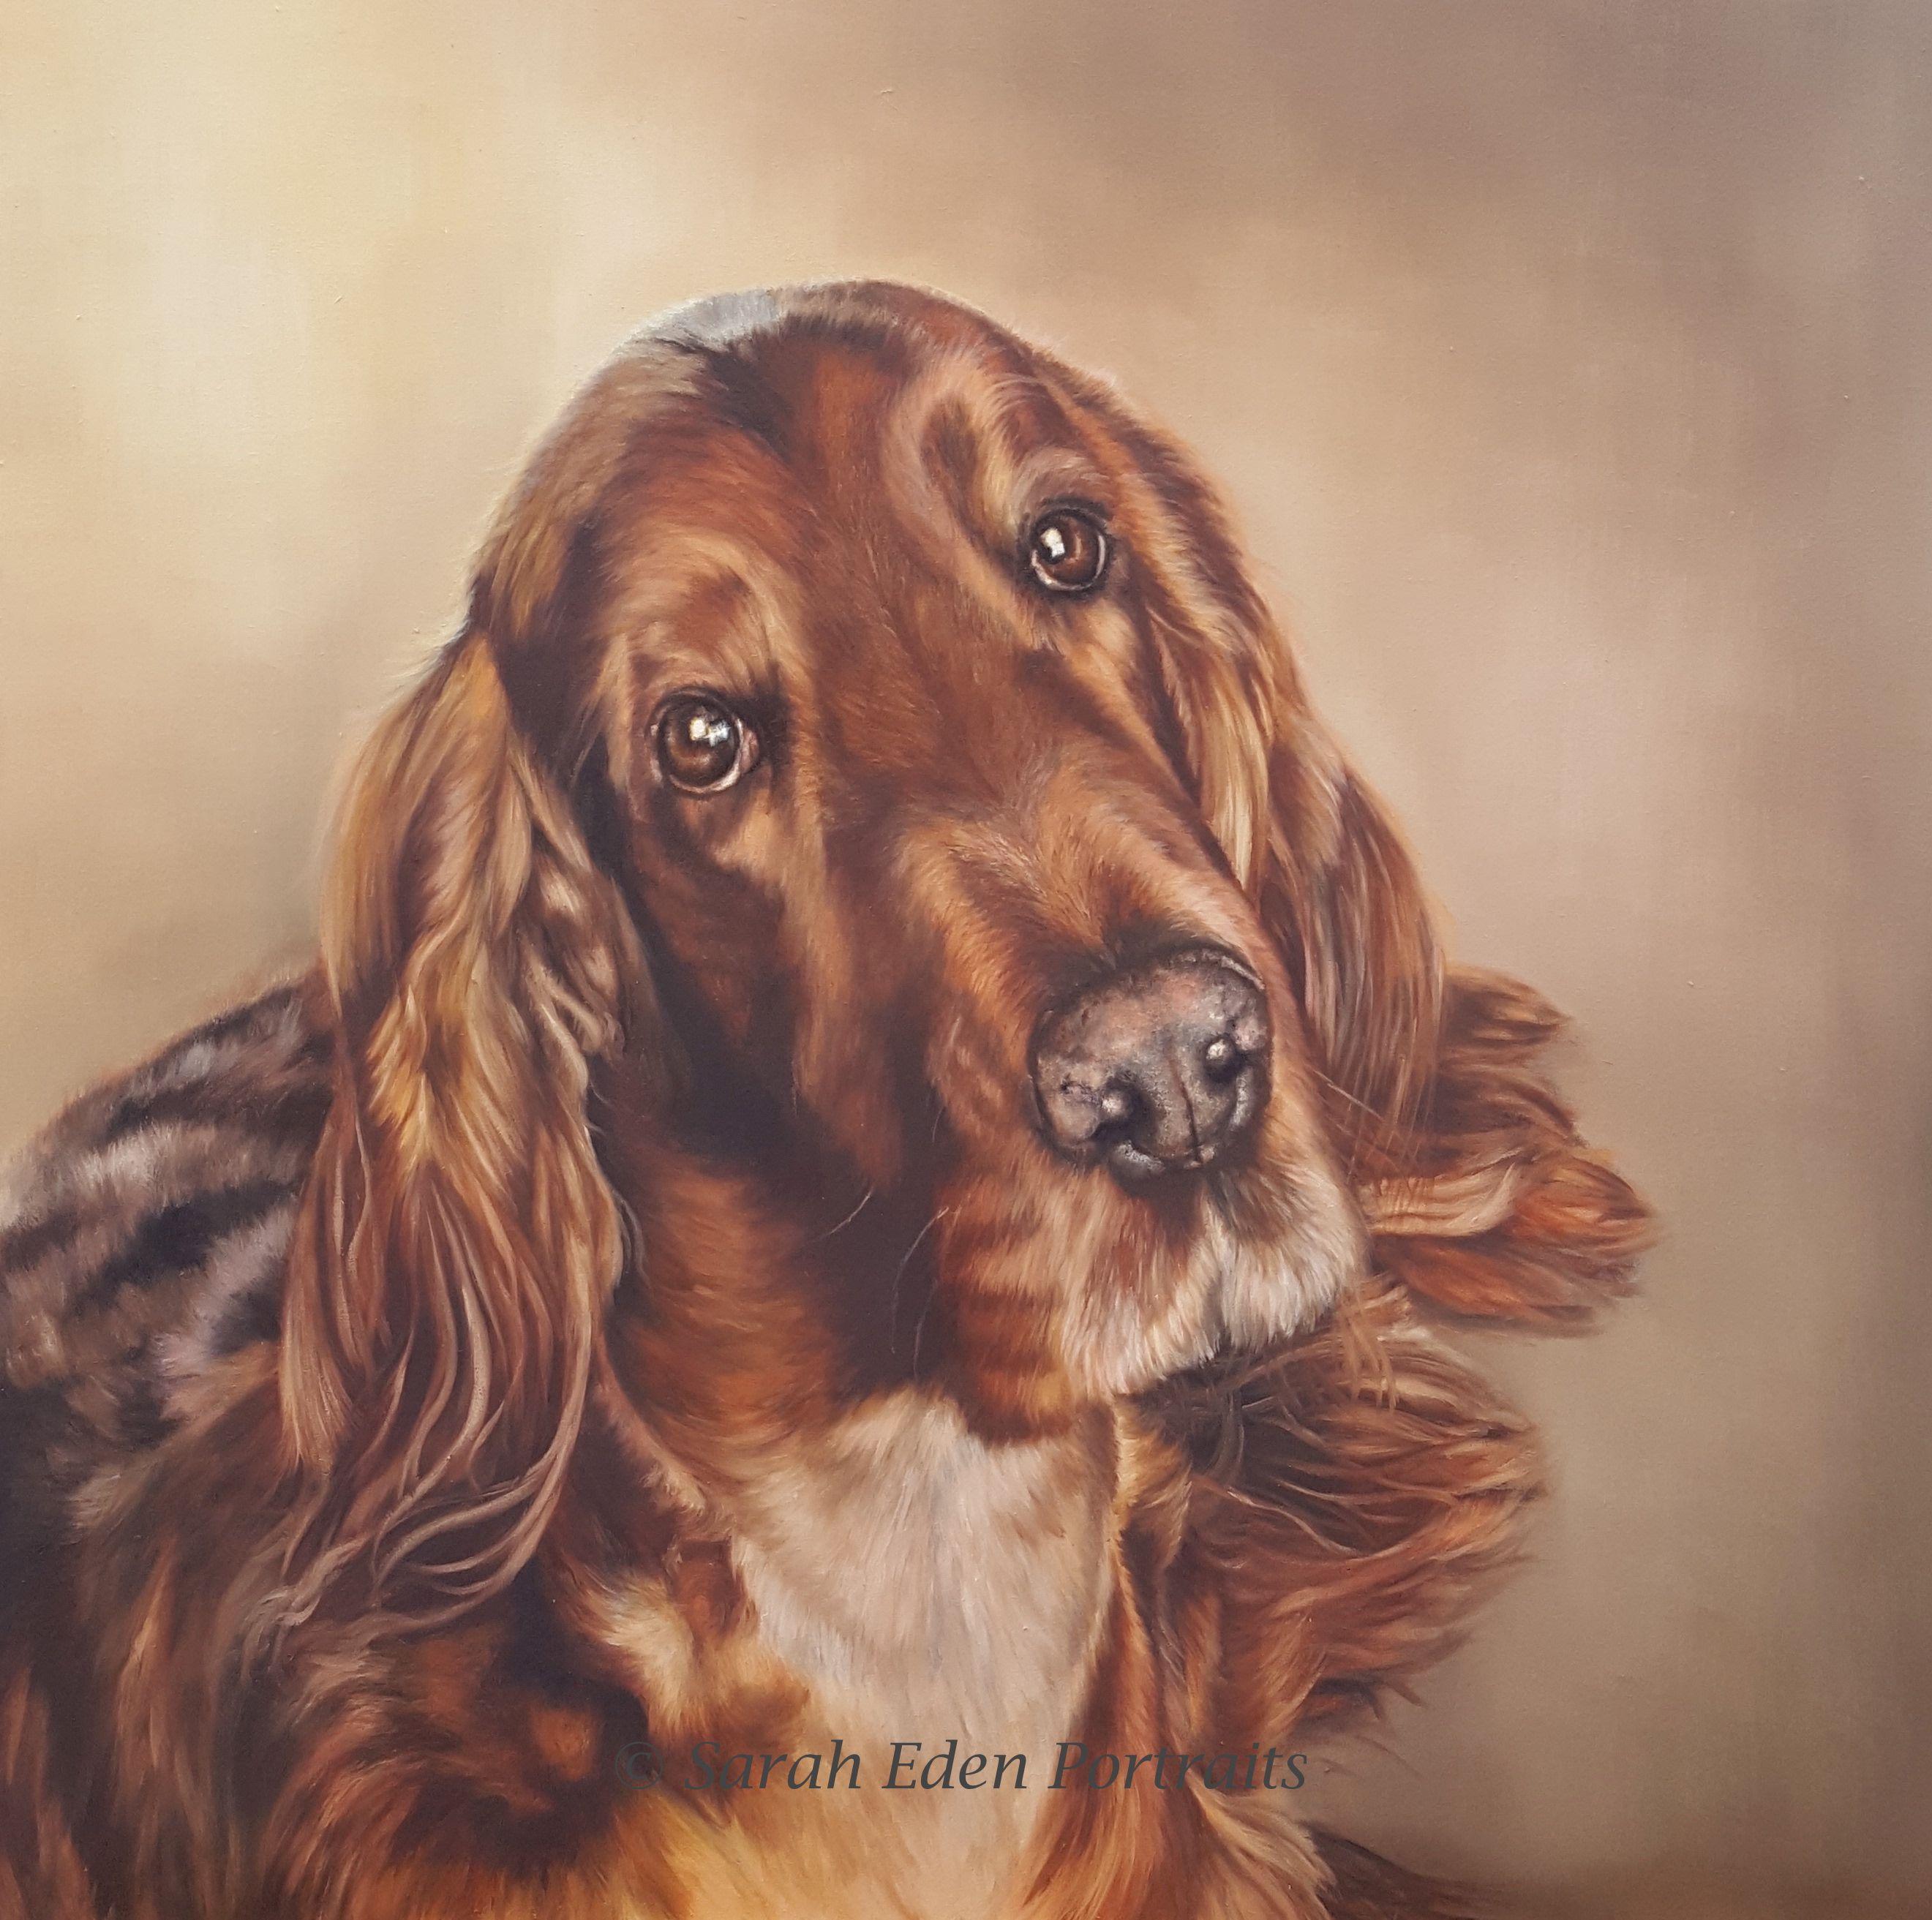 Irish Setter portrait by Sarah Eden oilportrait